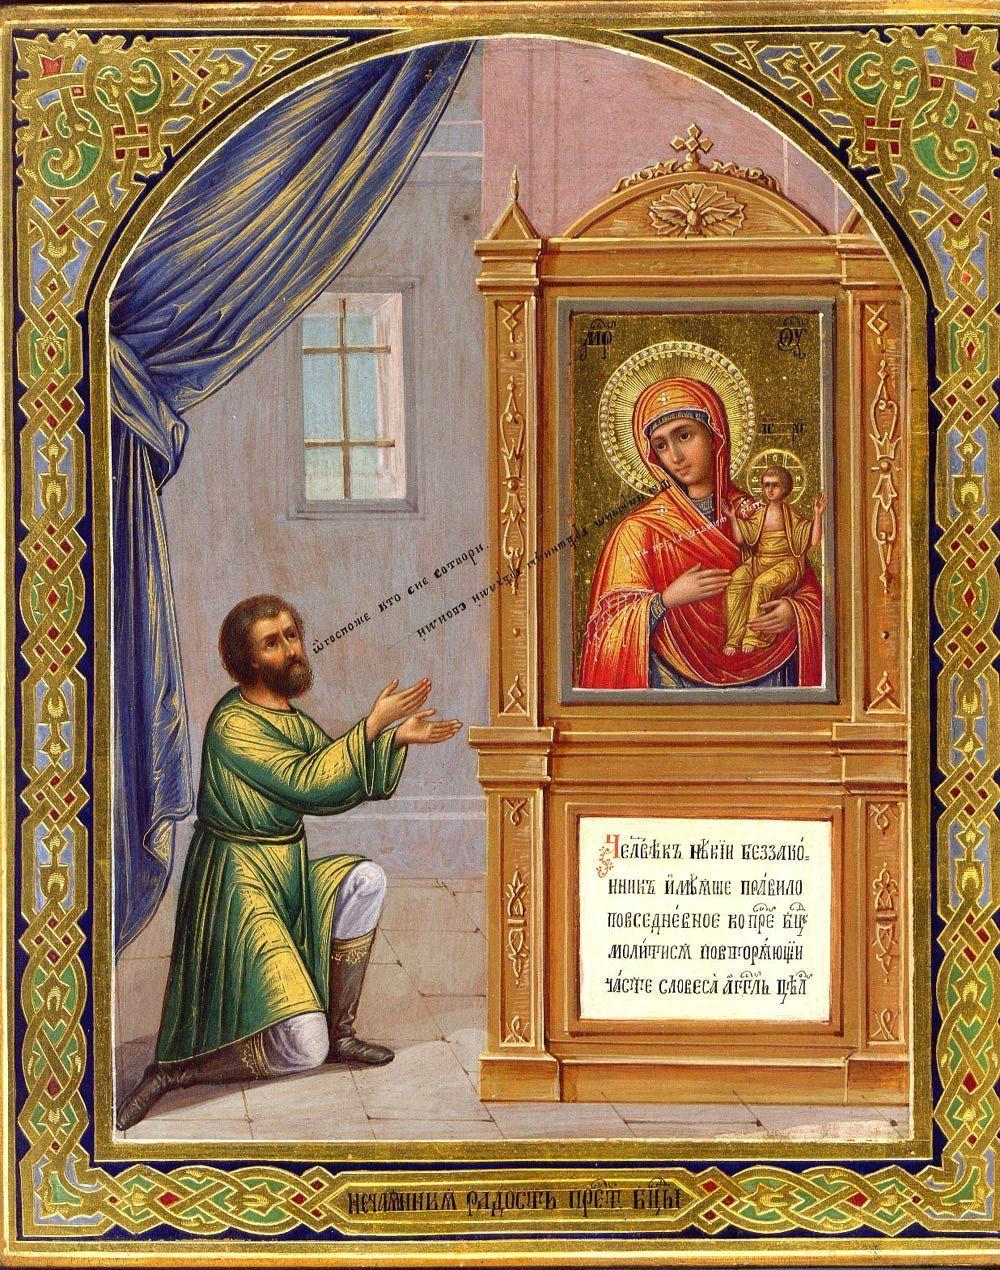 », пишется так: в комнате, вверху икона ...: p-blagovest.ru/chtenie/ikona-bozhiey-materi-imenuemaya-nechayannaya...